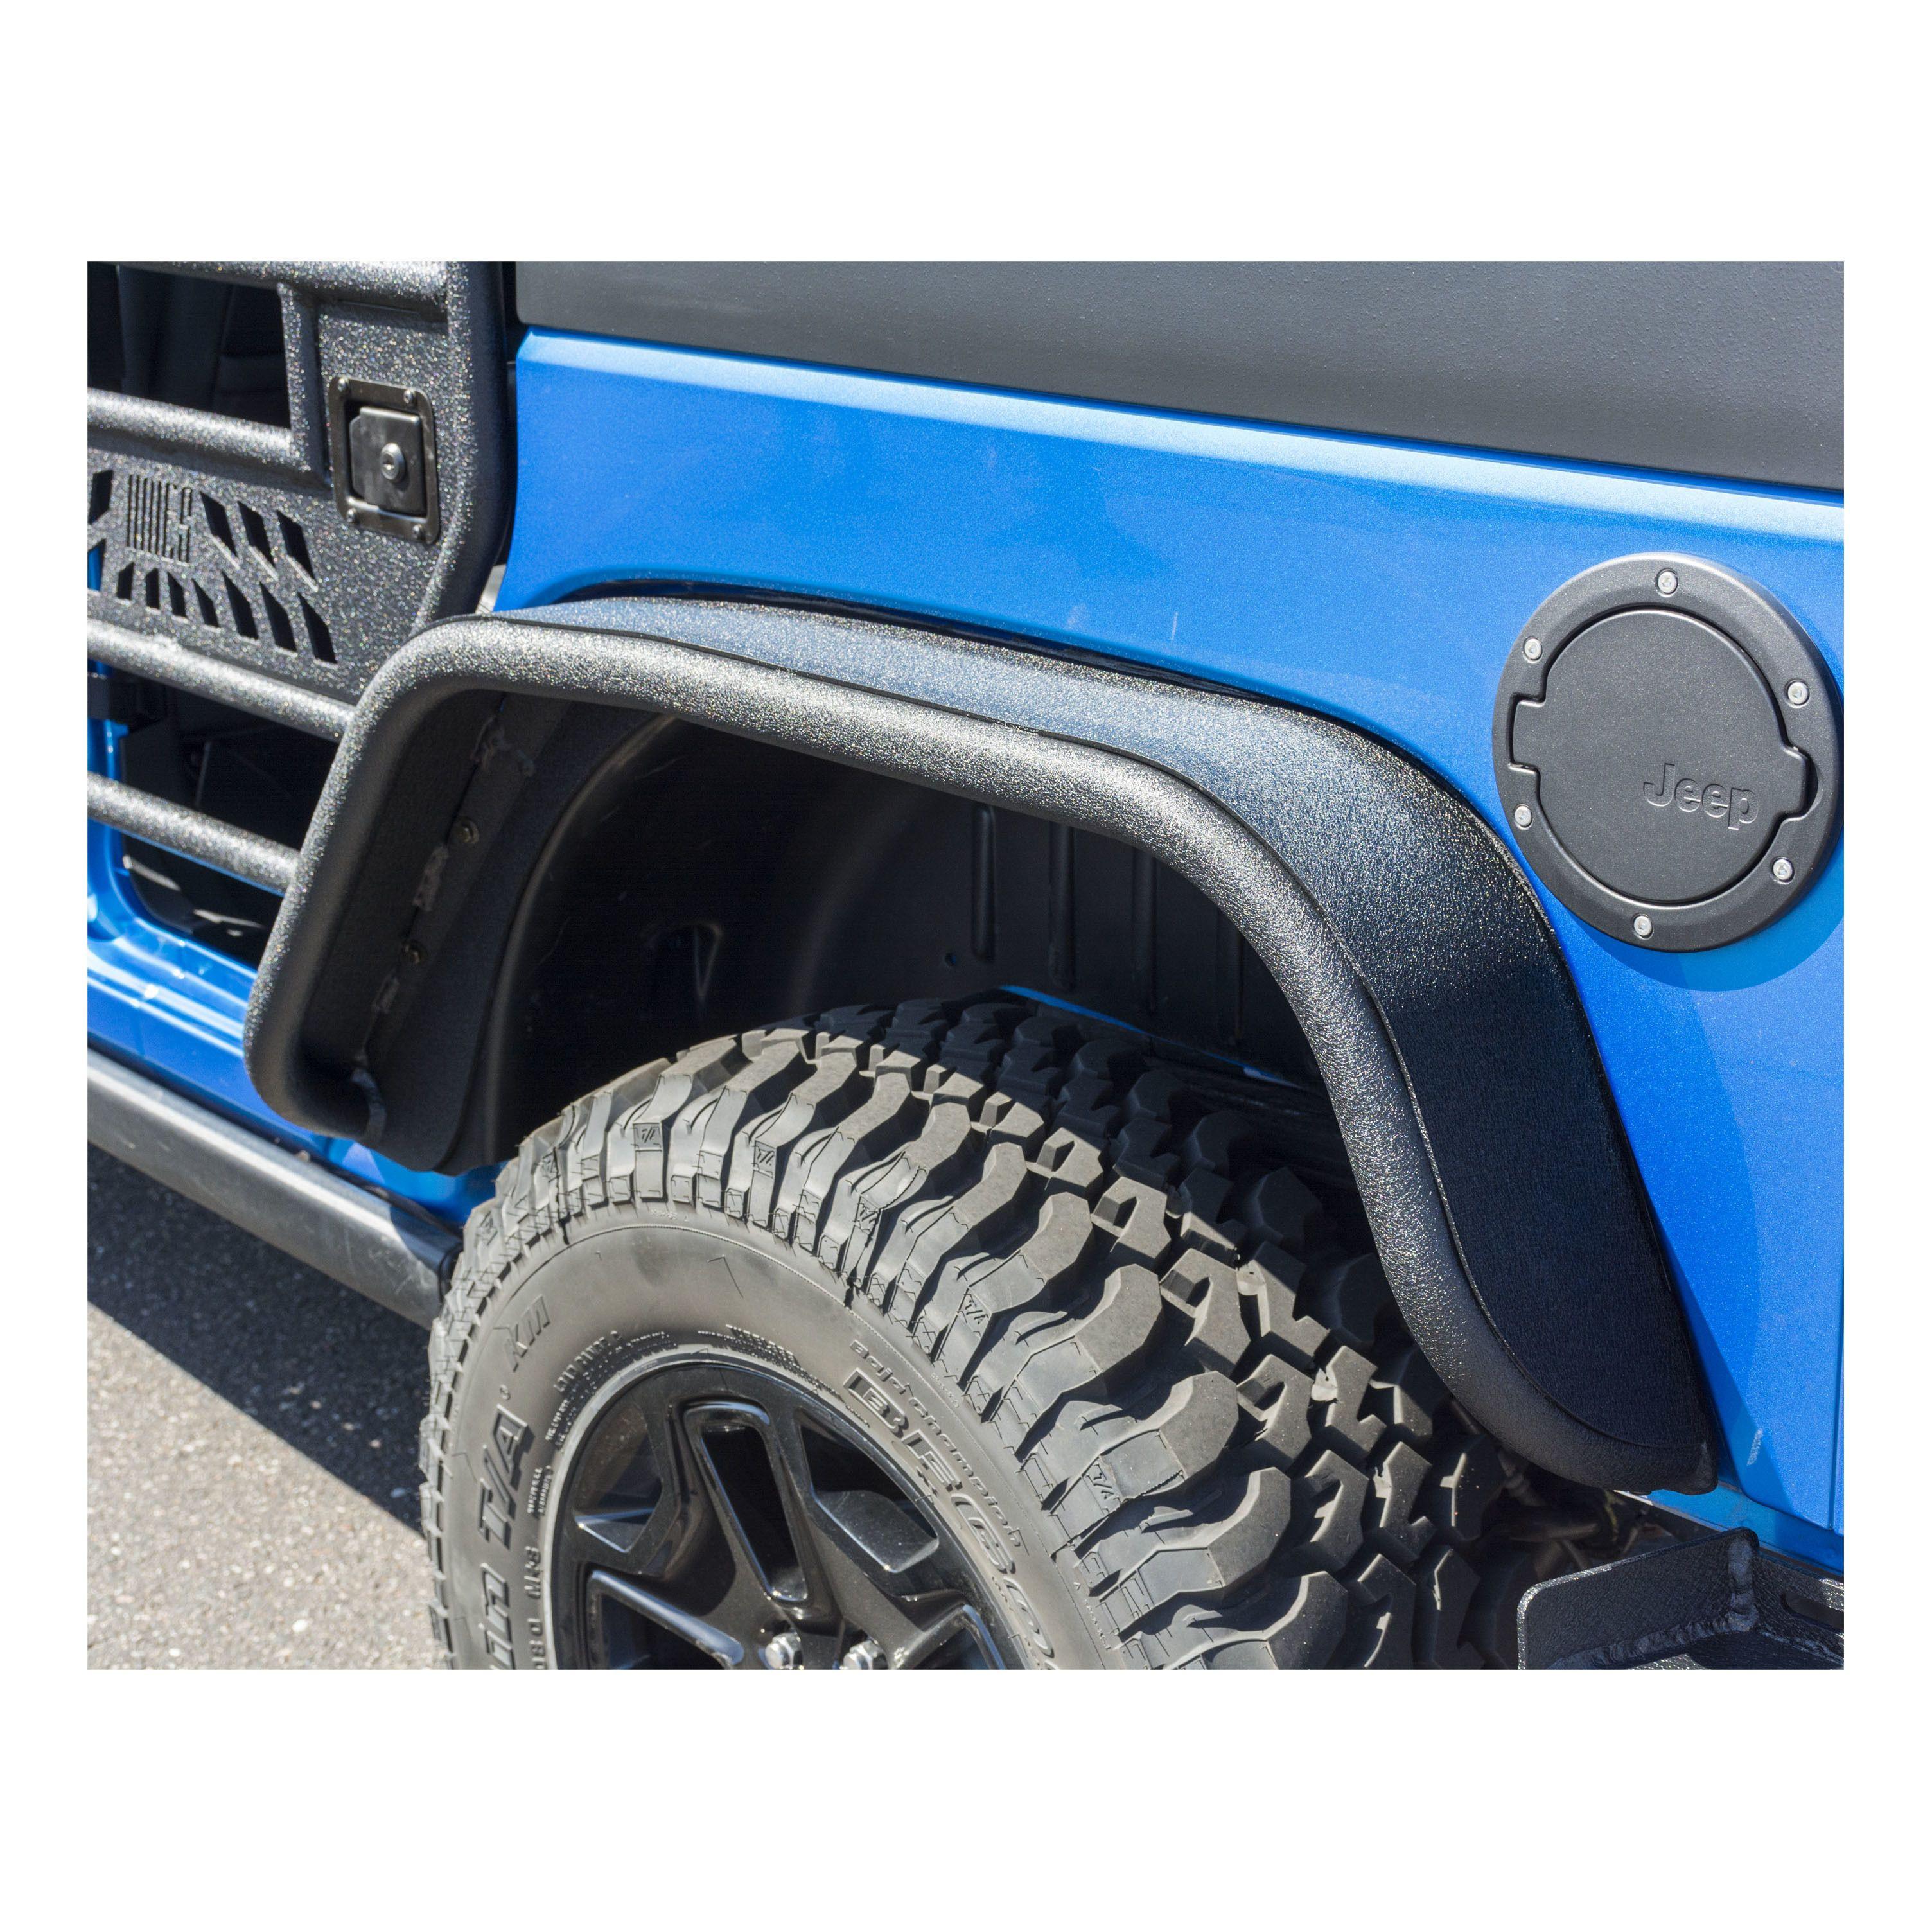 Aries Automotive Rear Tubular Fender Flares For 2007-18 Jeep Wrangler JK 2 Door & Unlimited 4 Door Models